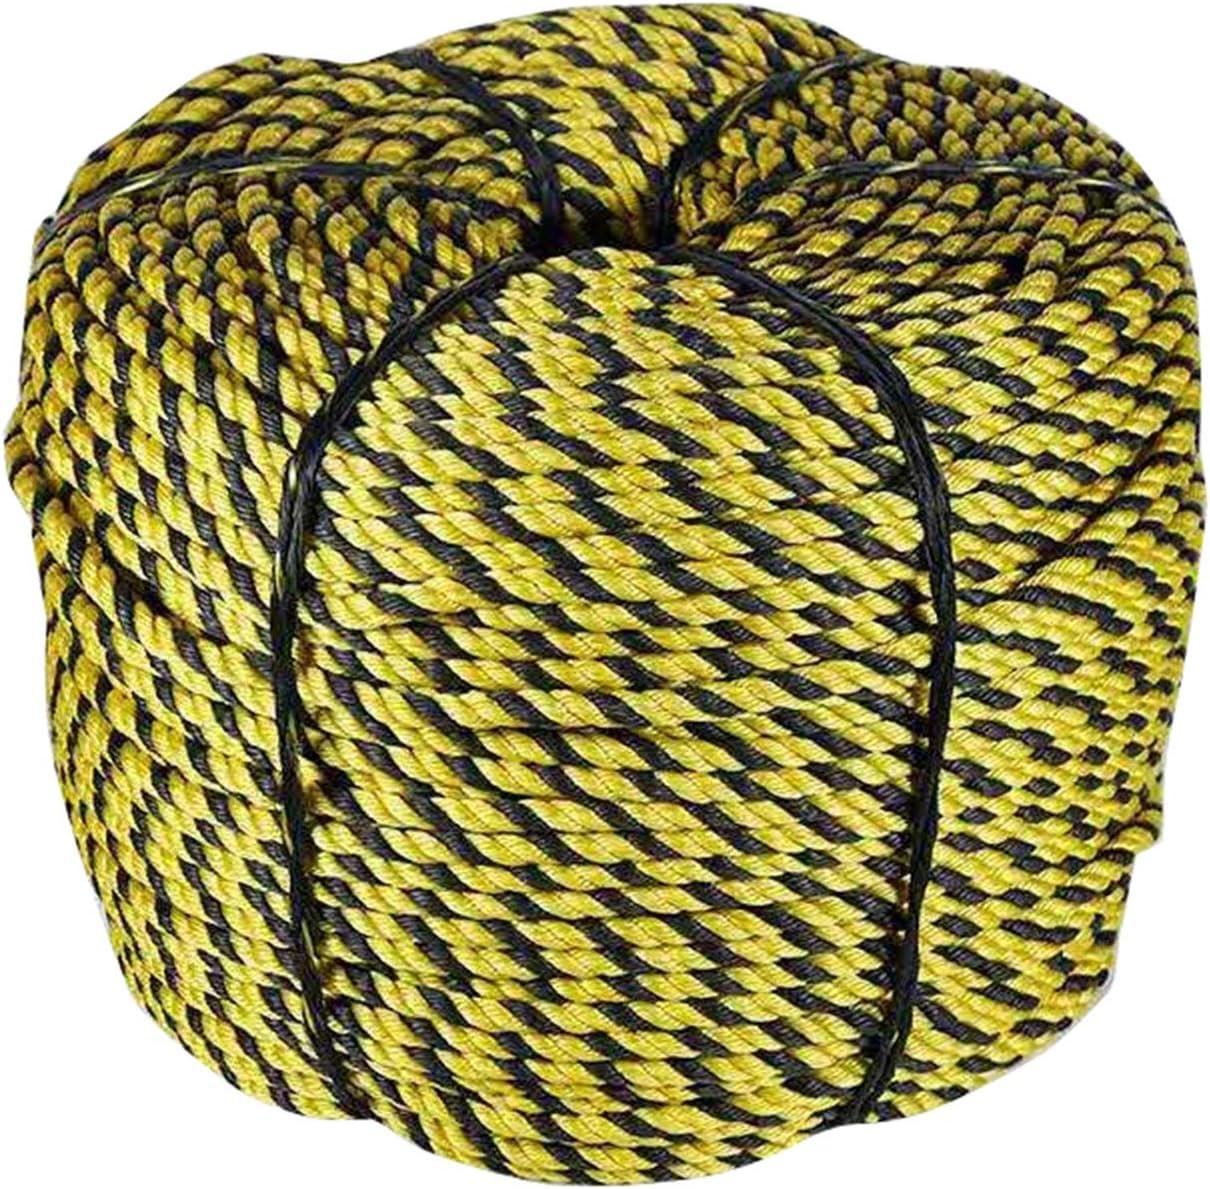 ZHWNGXOlian Cuerda Bicolor Negra Y Amarilla Larga De La Cerca ...